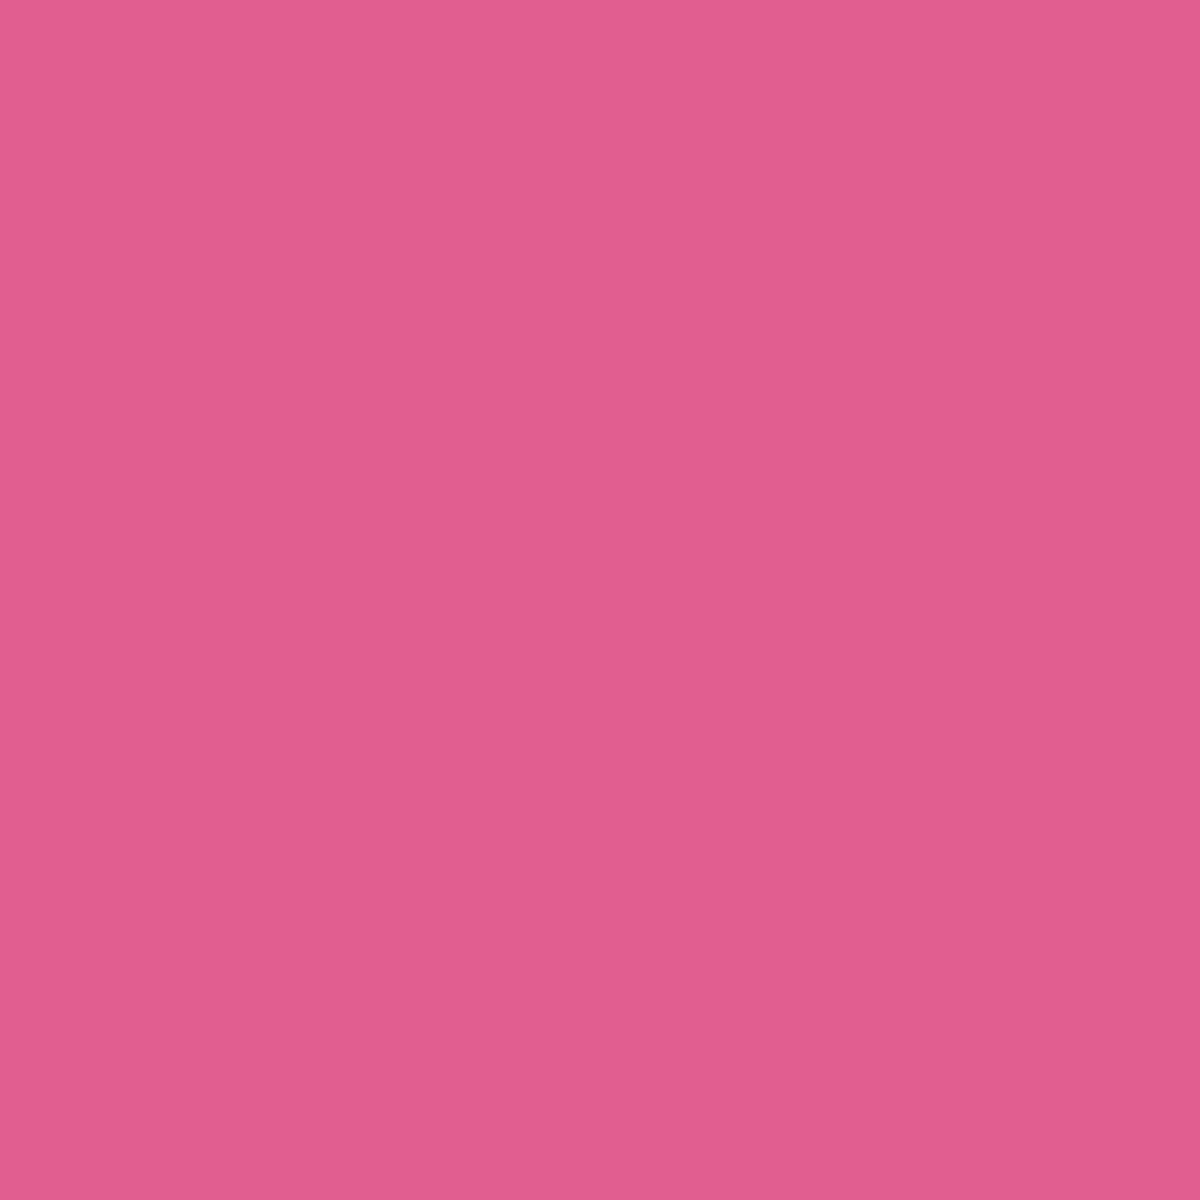 Sleeve für Silikonschläuche - Pink